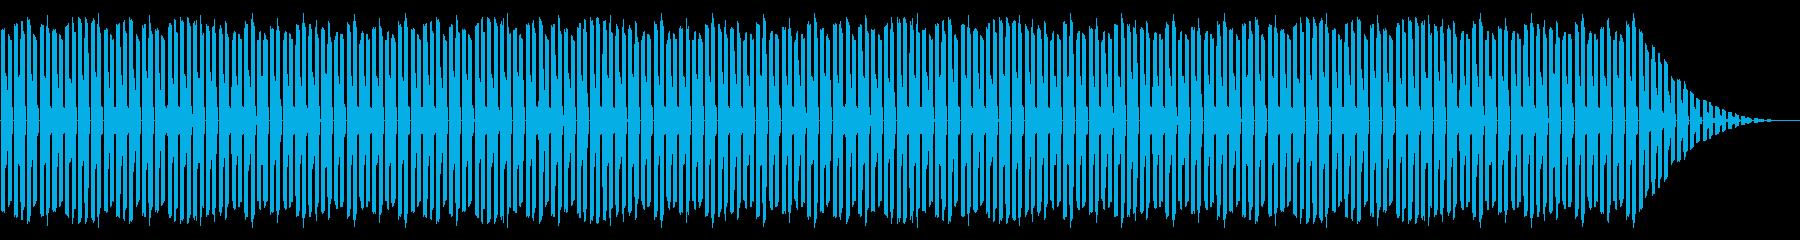 NES RPG A08-1(バトル2) の再生済みの波形